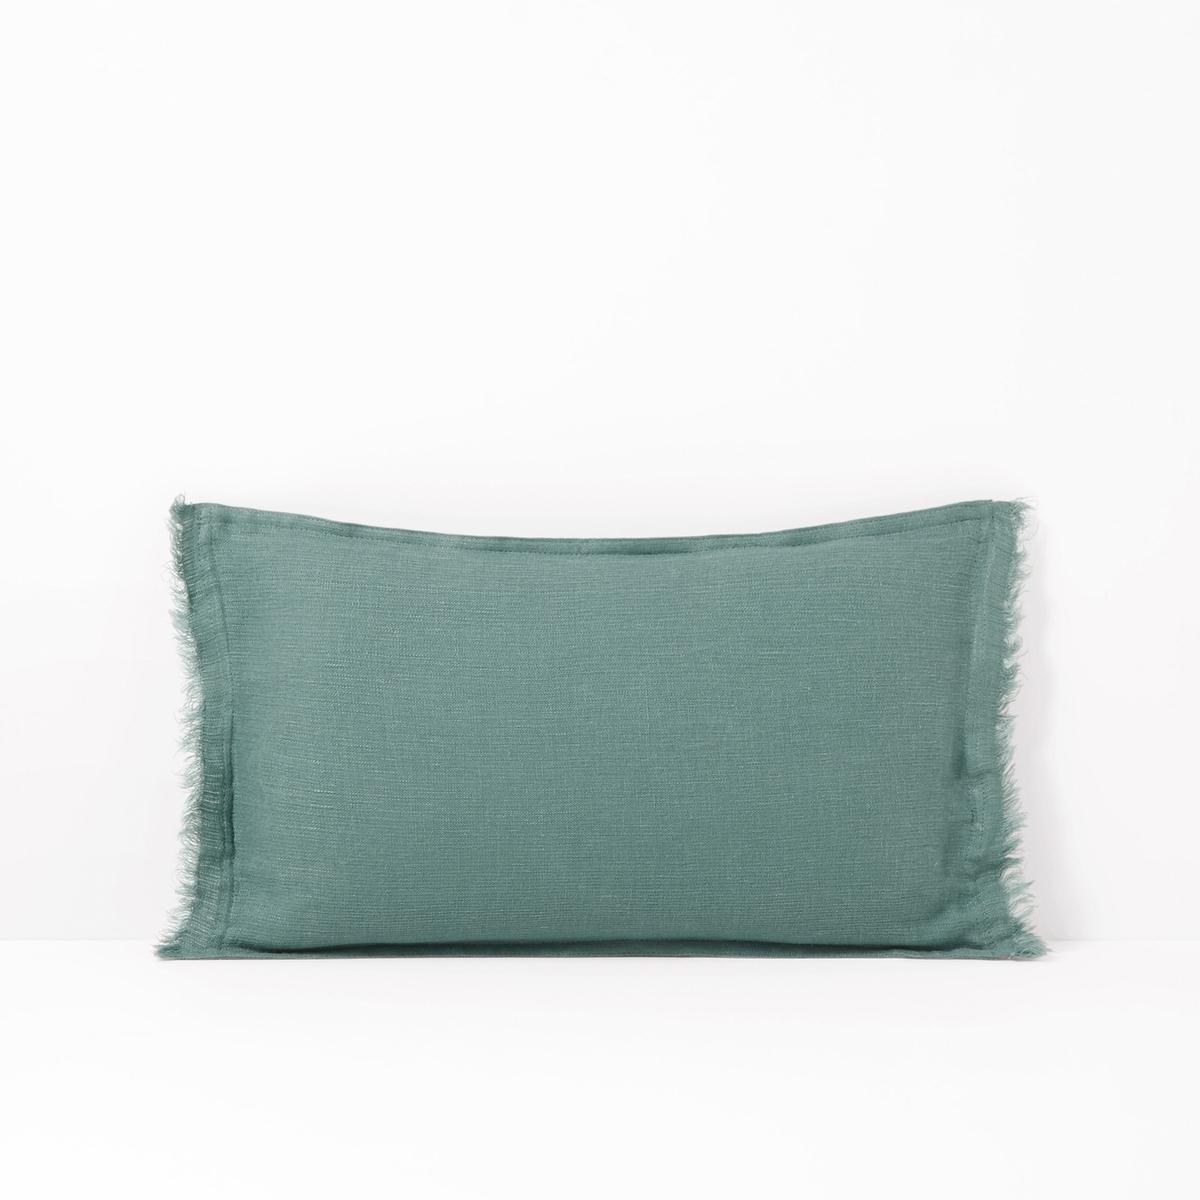 Чехол La Redoute На подушку-валик из осветленного льна LINANGE 50 x 30 см синий беляева т и отв ред противоположности настольно печатная развивающая игра 36 карточек